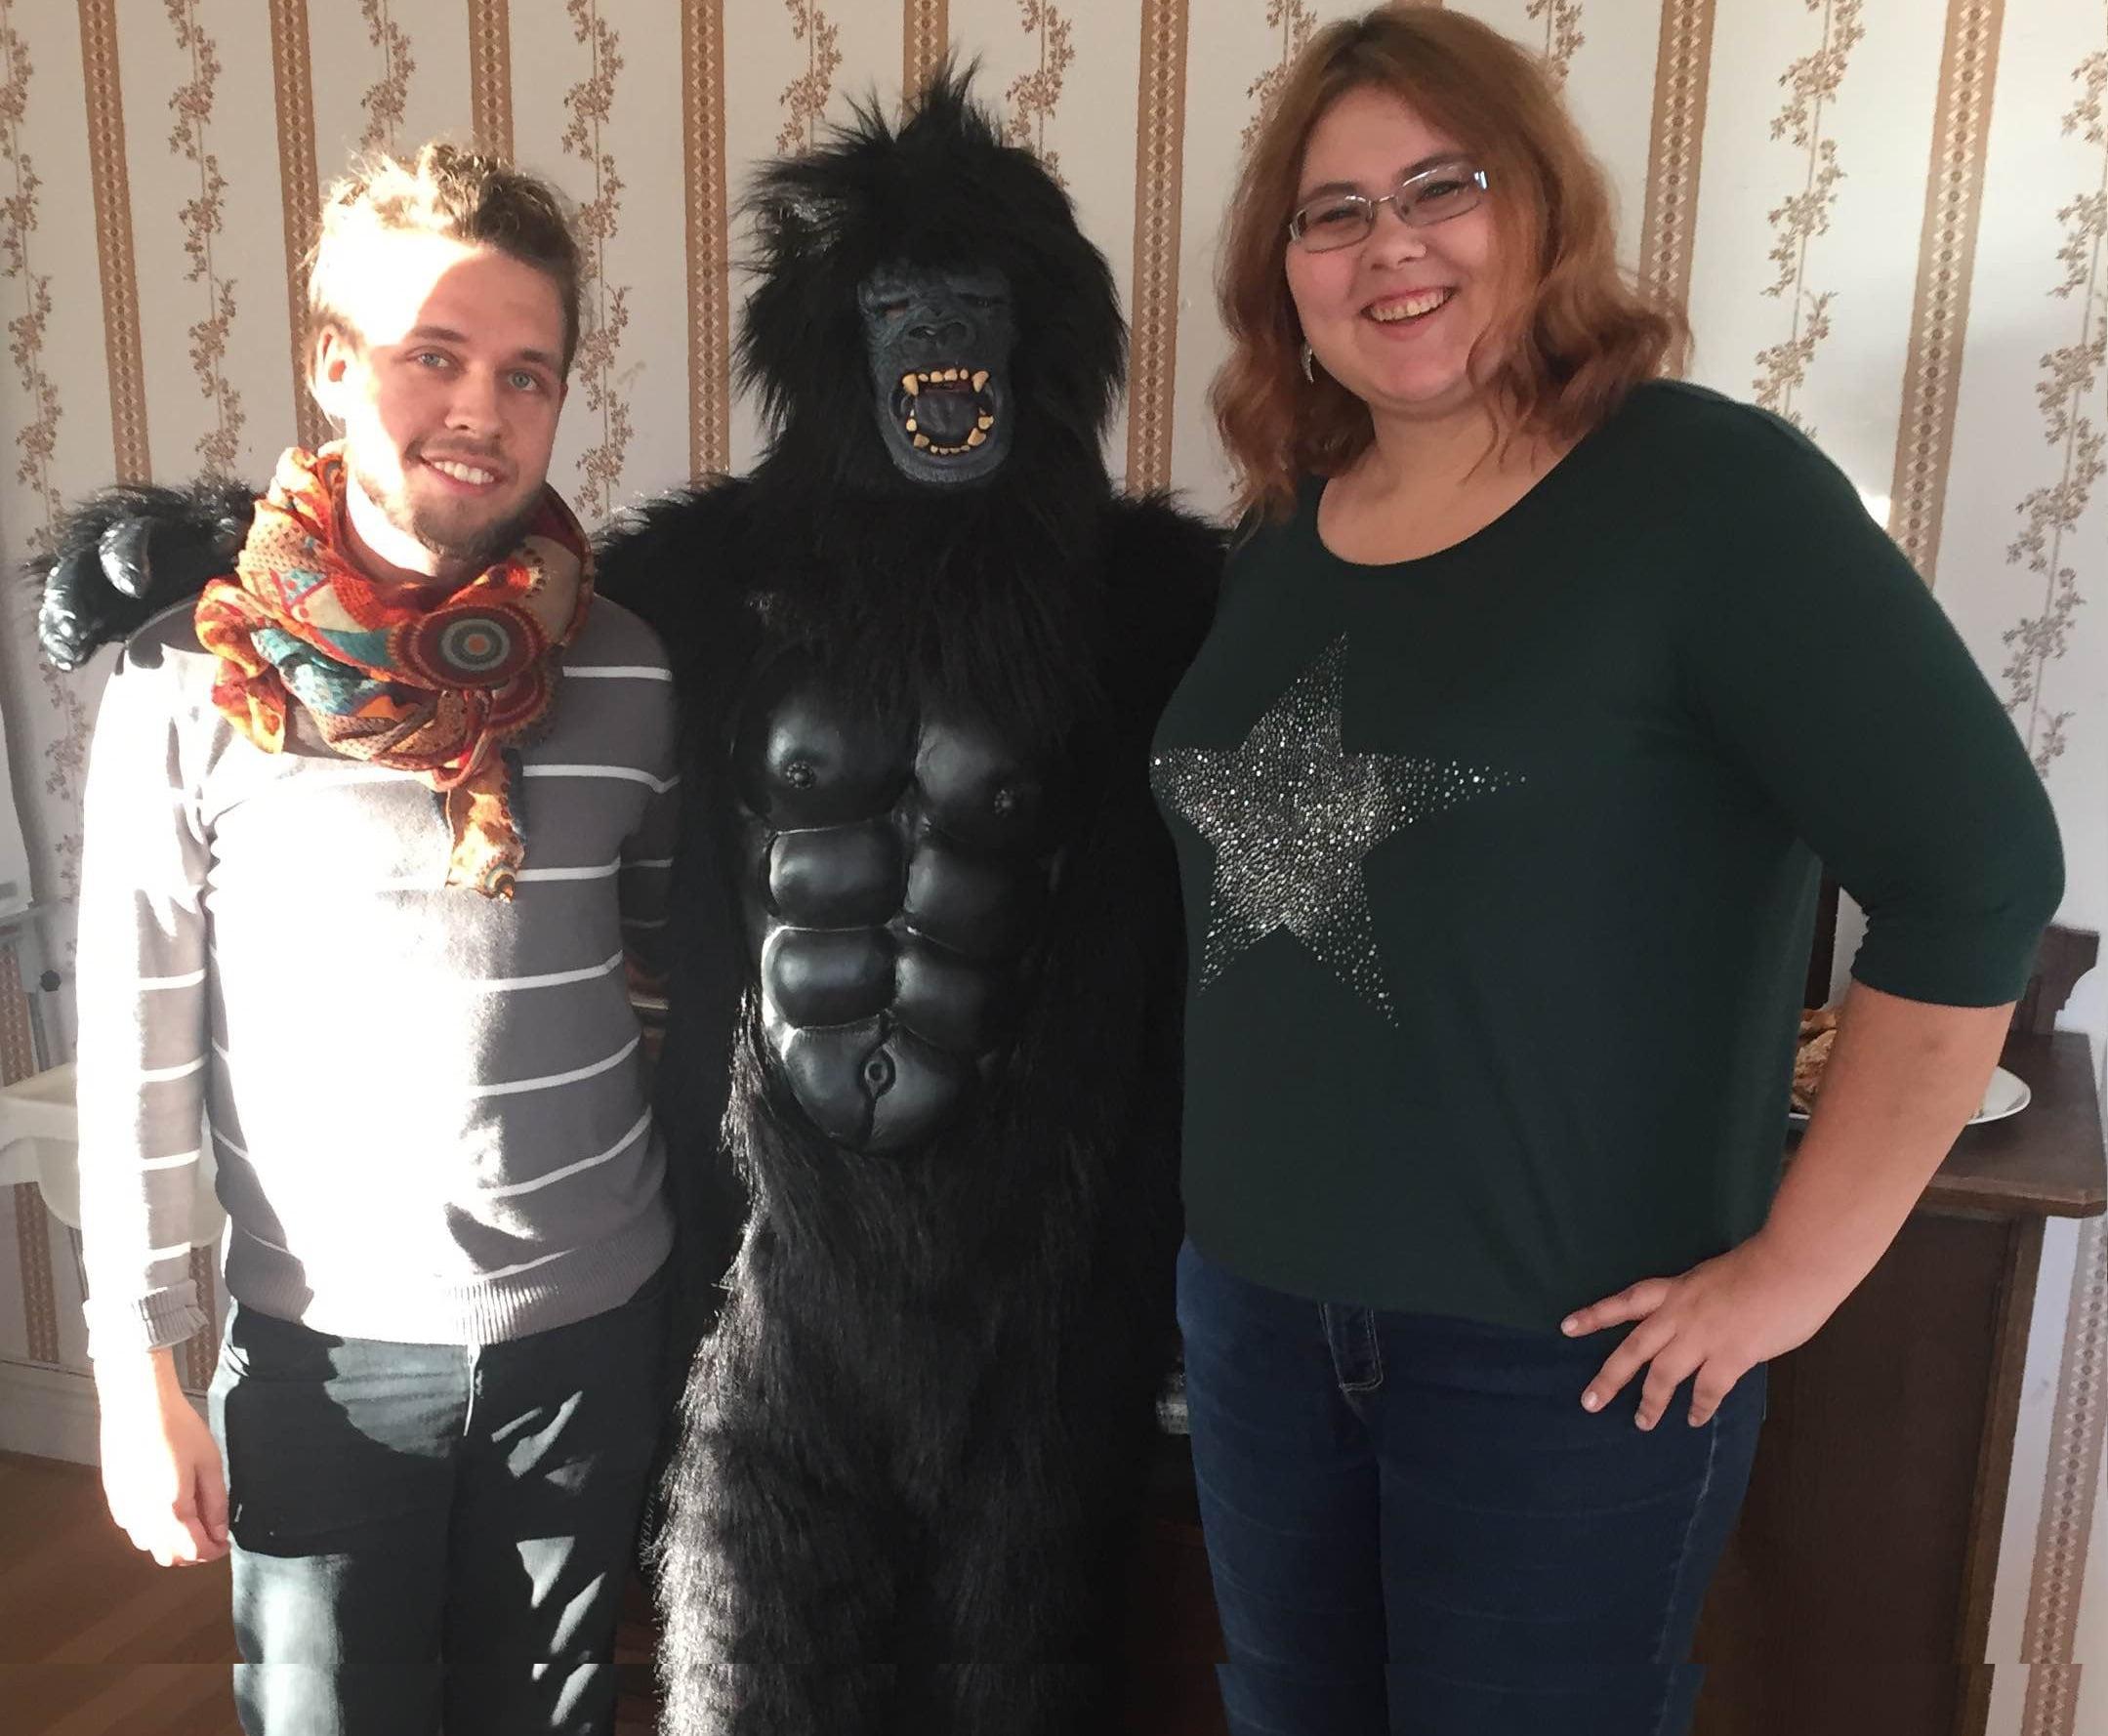 Live från Sköndal med inslag av apor